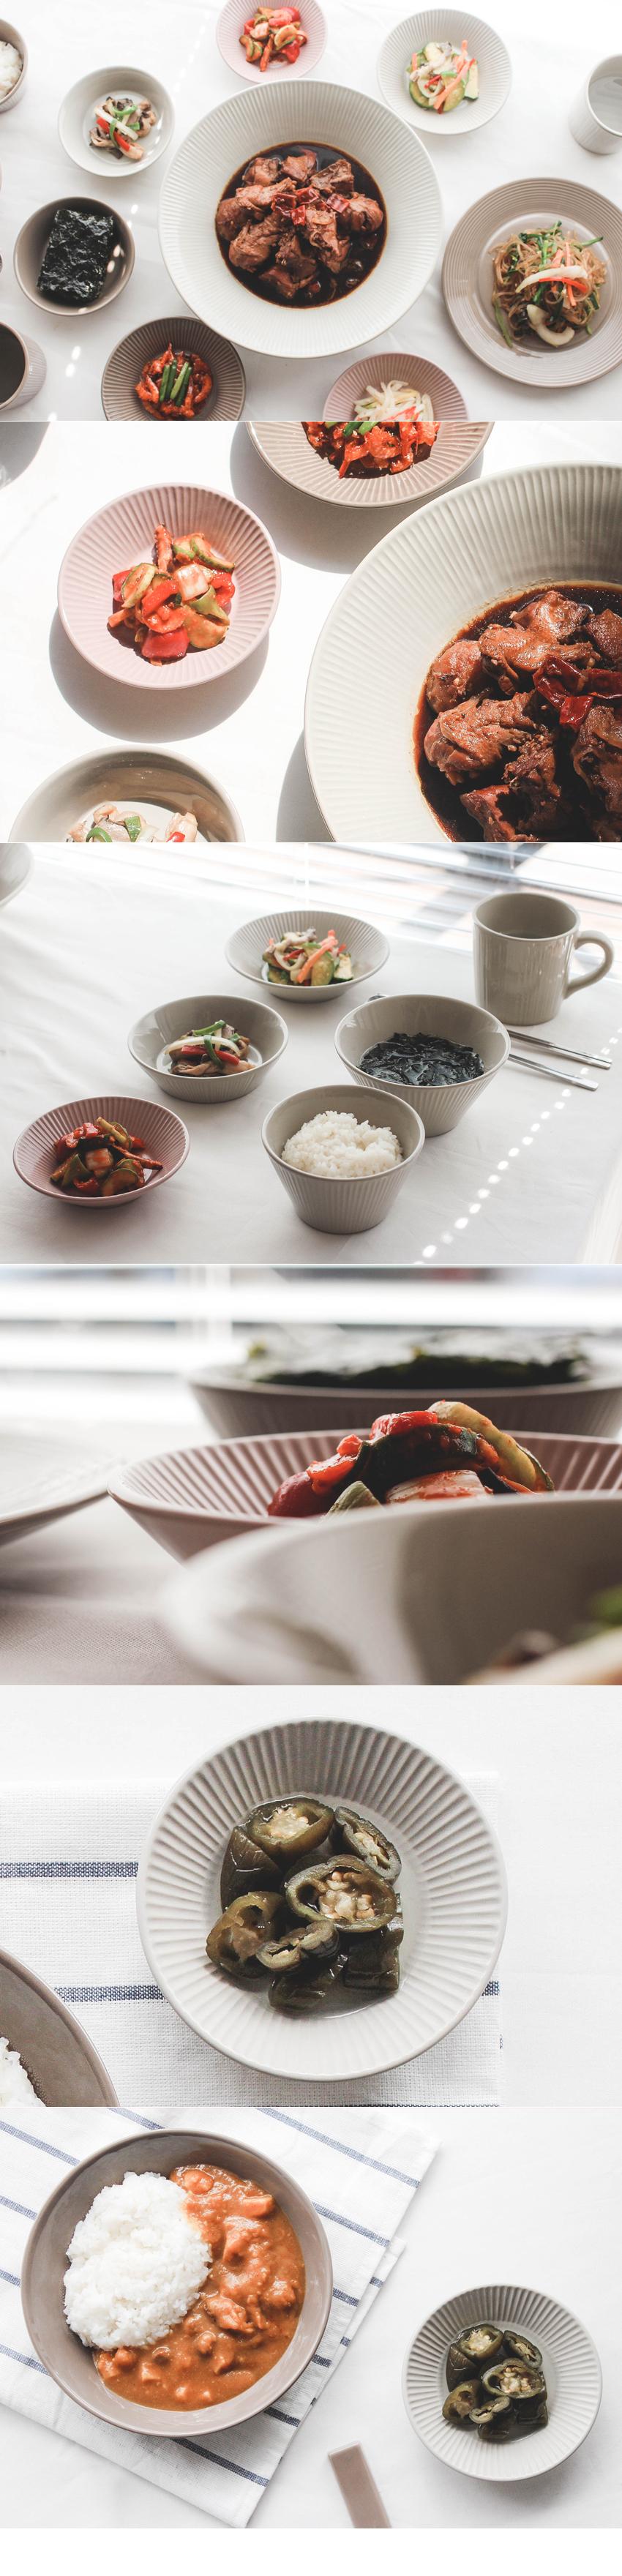 로얄애덜리 라이닝 12.5cm 구프 소 (5컬러) - 어퍼테이블, 4,200원, 접시/찬기, 찬기